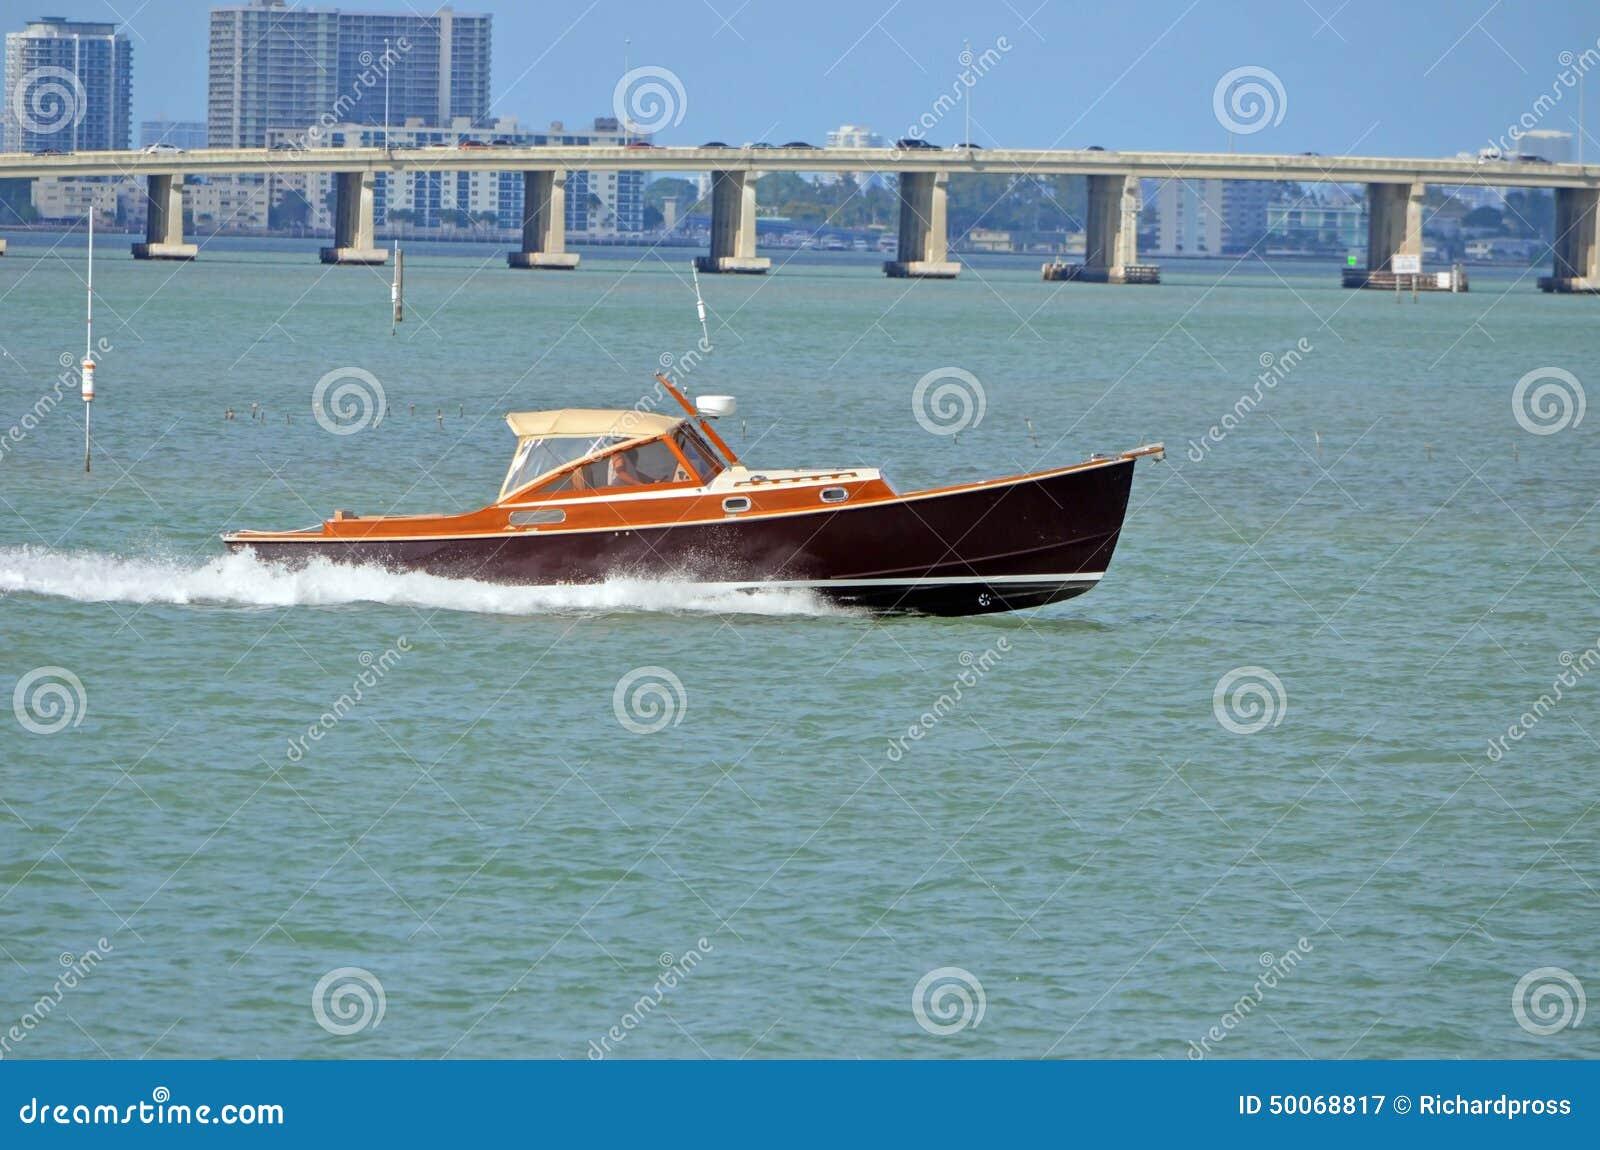 half cabin wooden boat plans plans for boat